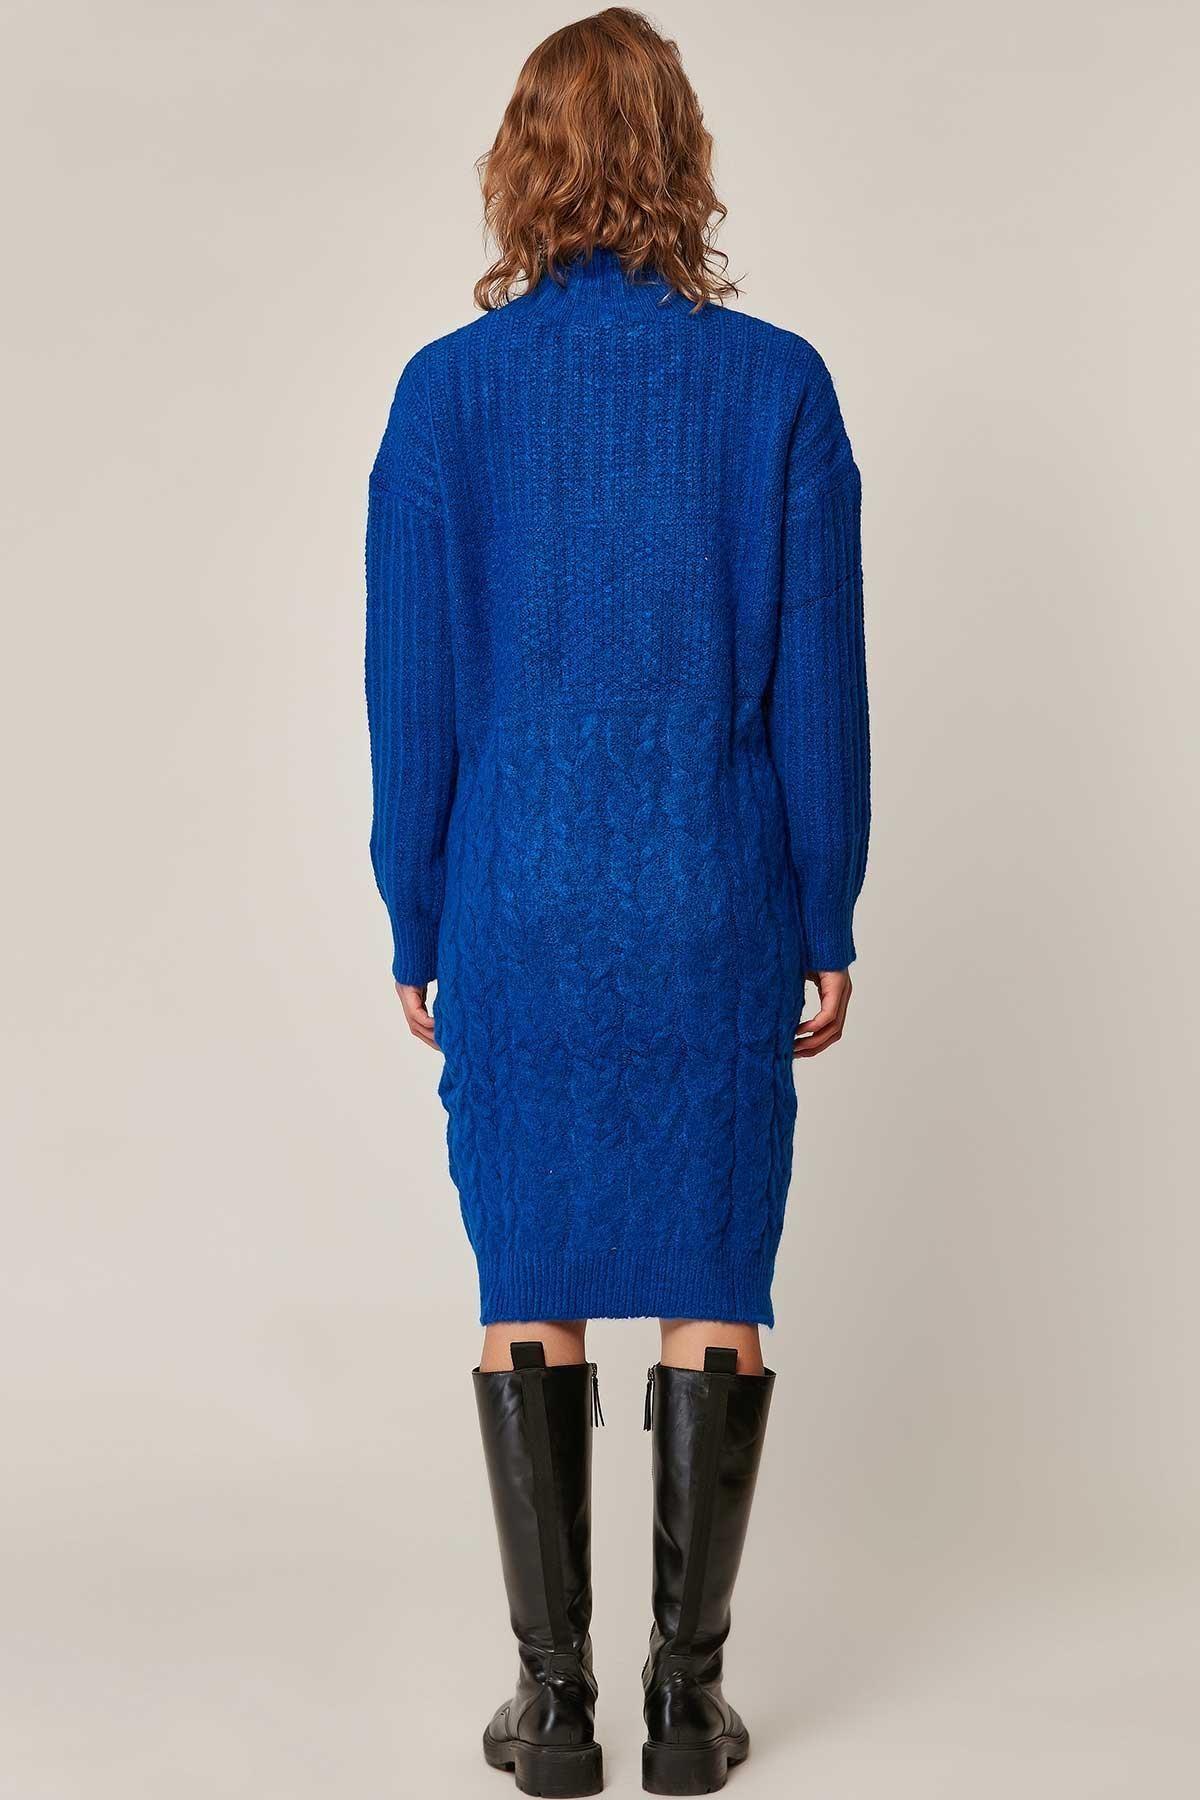 Pattaya Kadın Yırtmaçlı Boğazlı Salaş Triko Elbise 80195 2